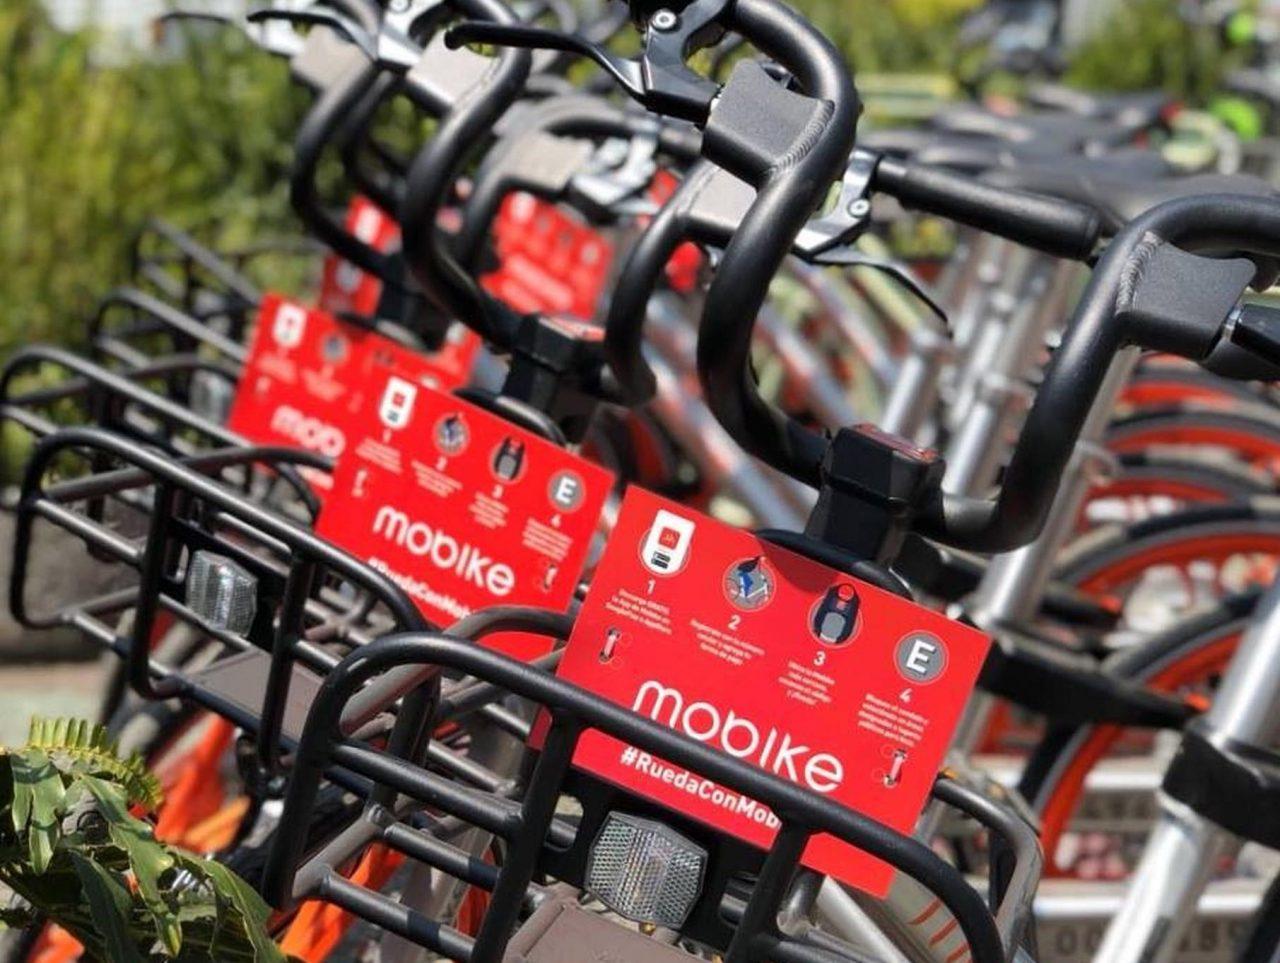 Mobike alcanza 200,000 usuarios activos en la CDMX